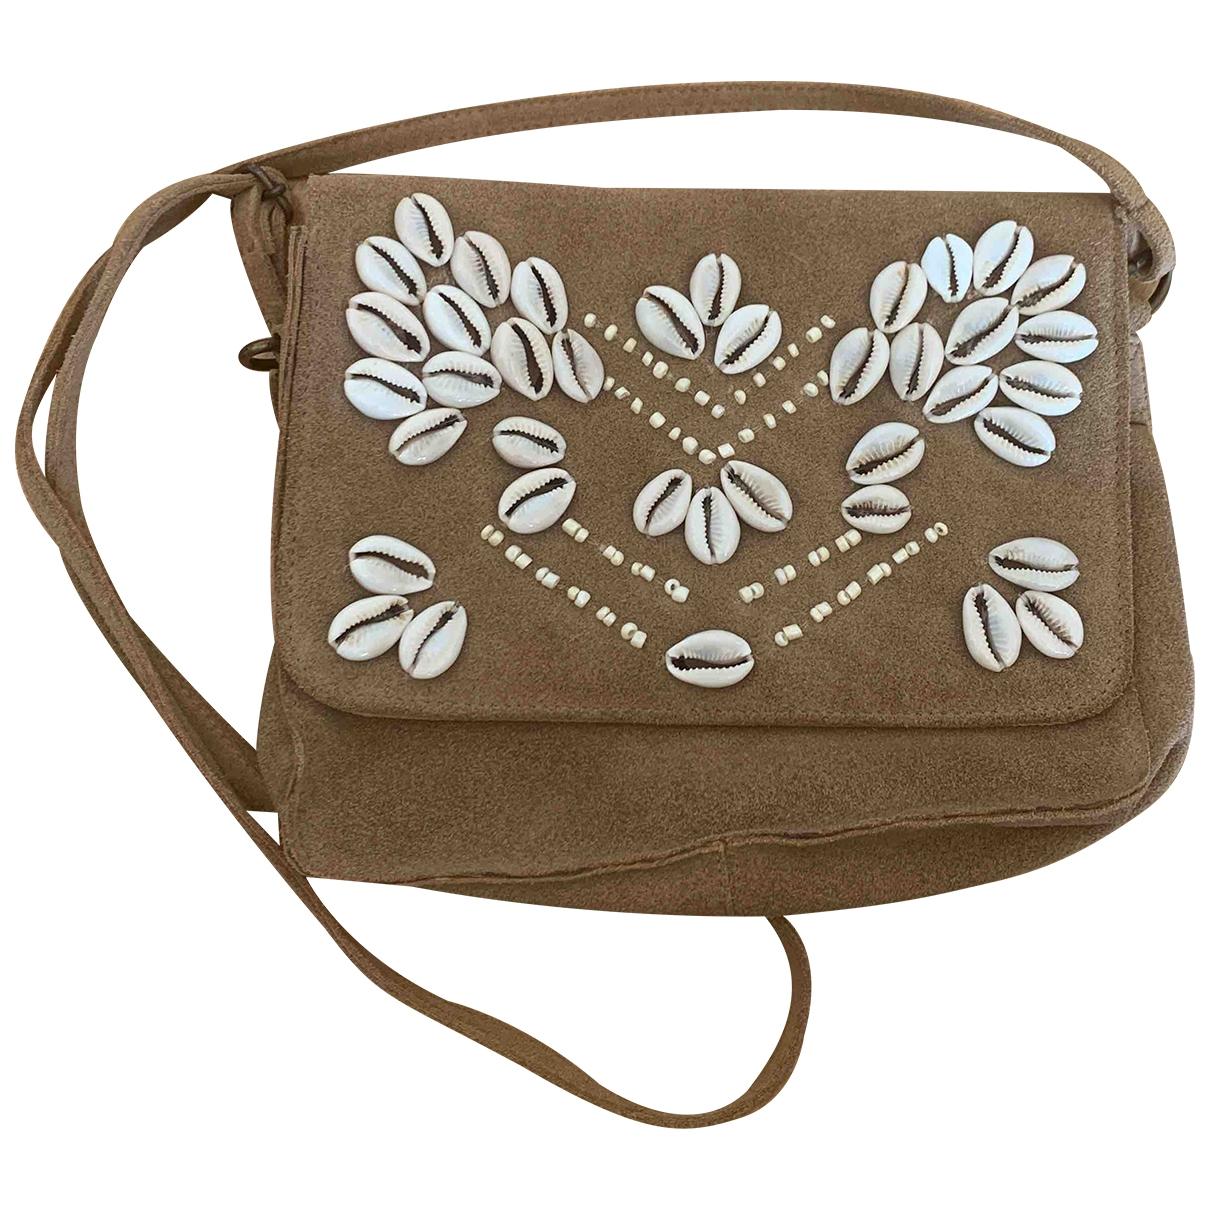 Hipanema \N Beige Suede handbag for Women \N